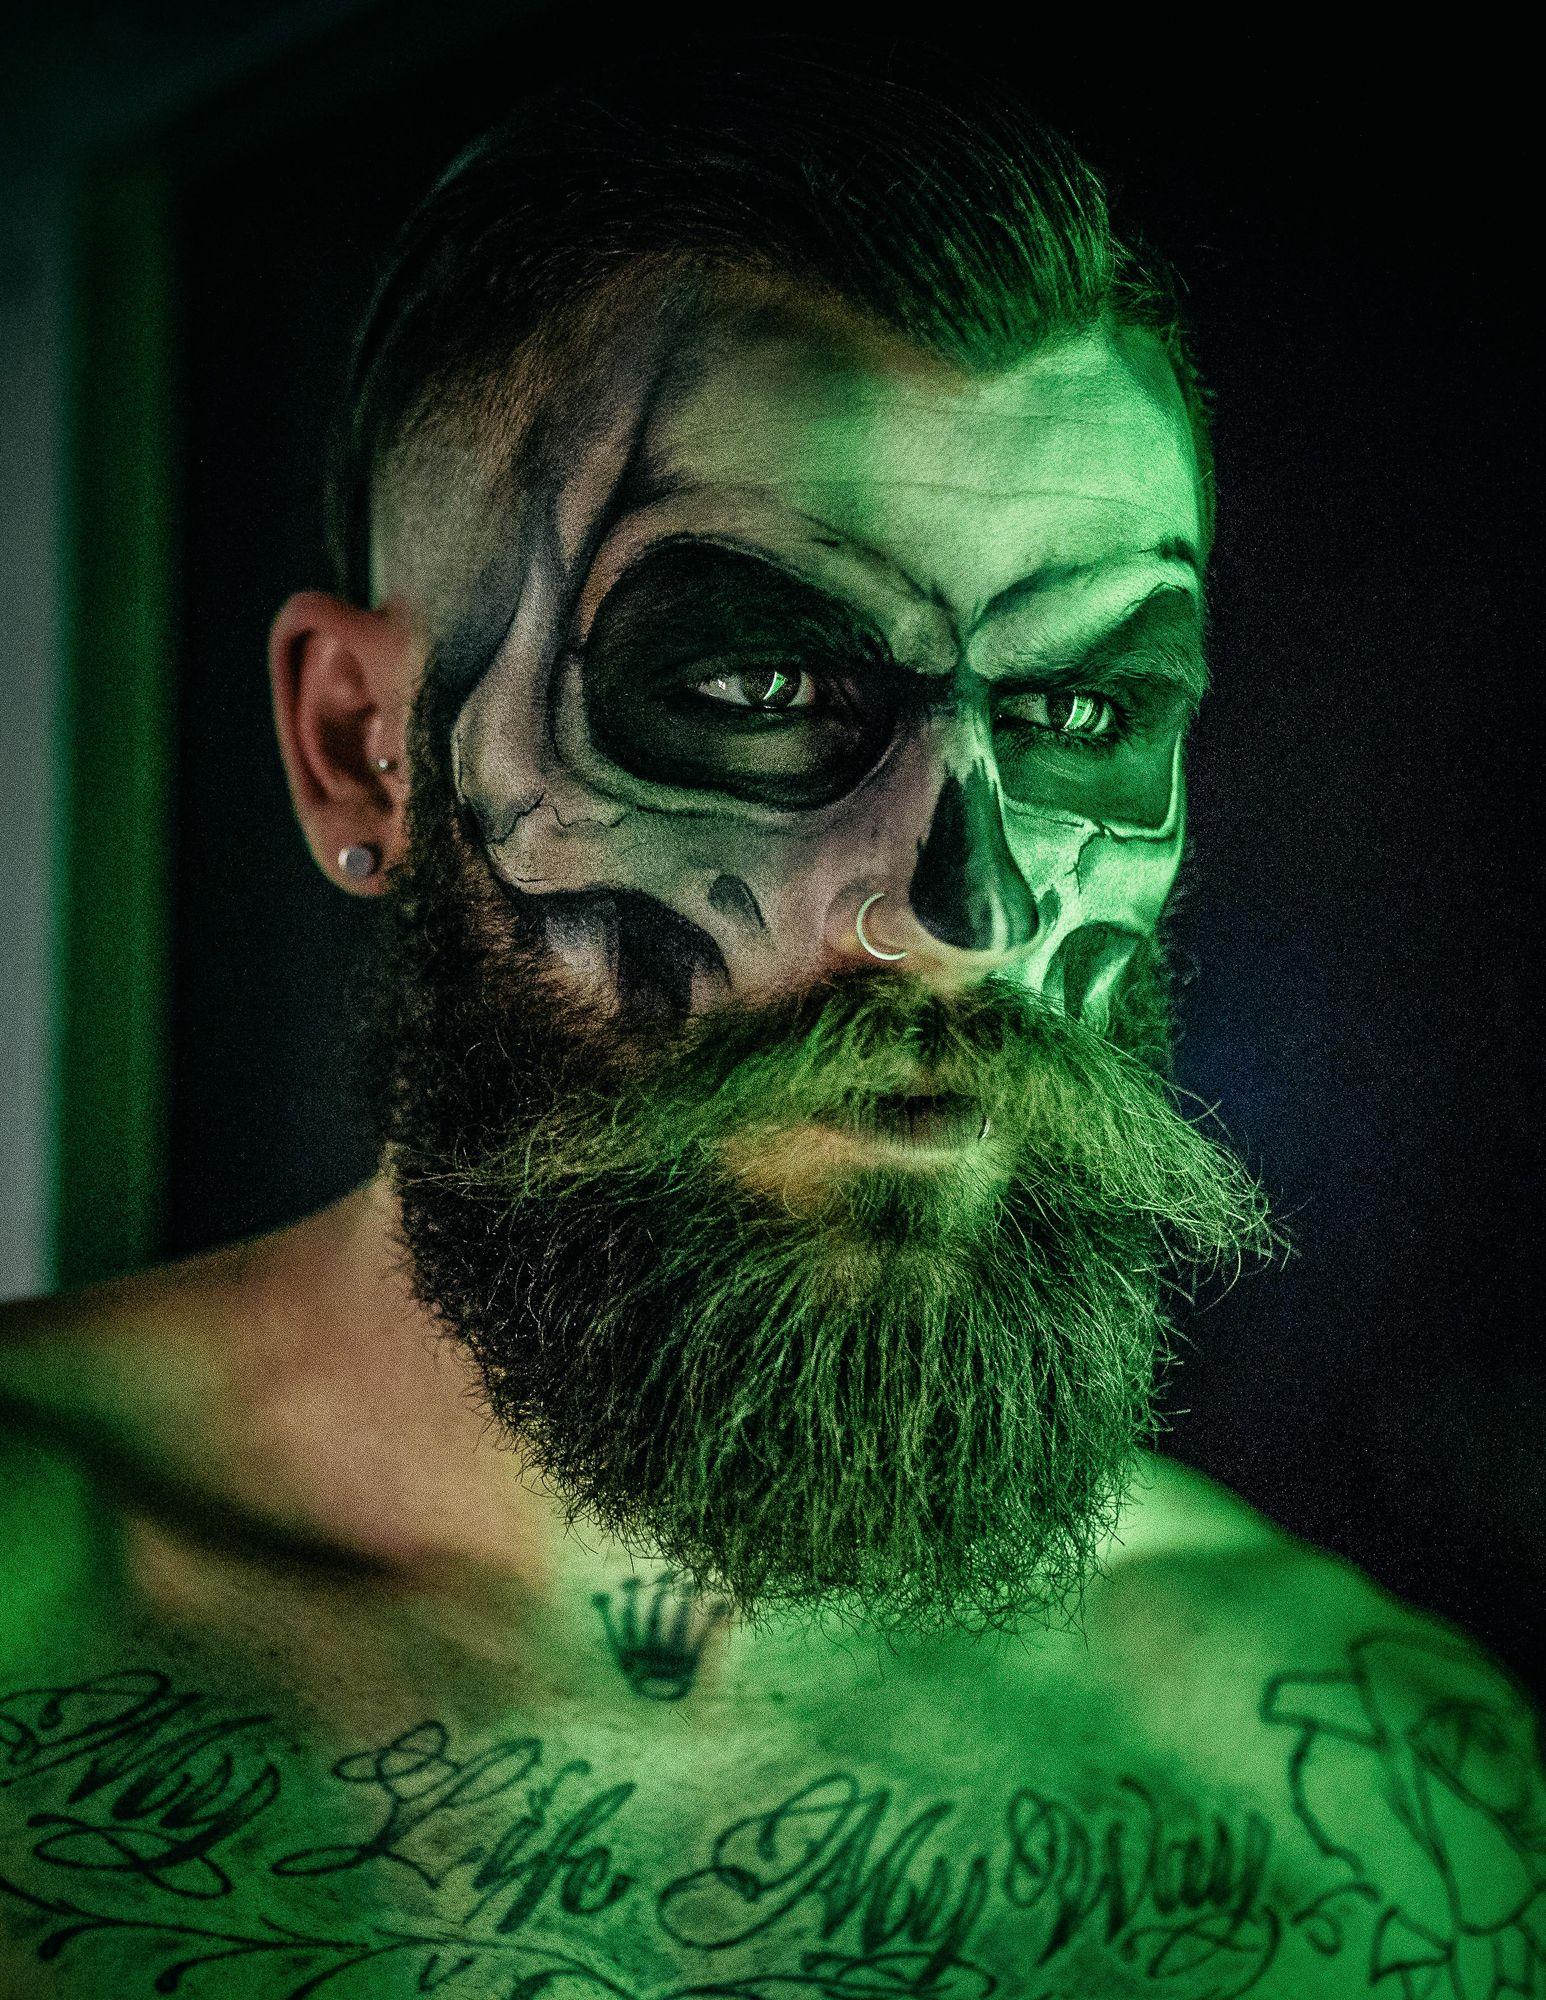 Großartig Halloween Schminken Männer Ideen Von Skull Make Up With Beard - Pesquisa